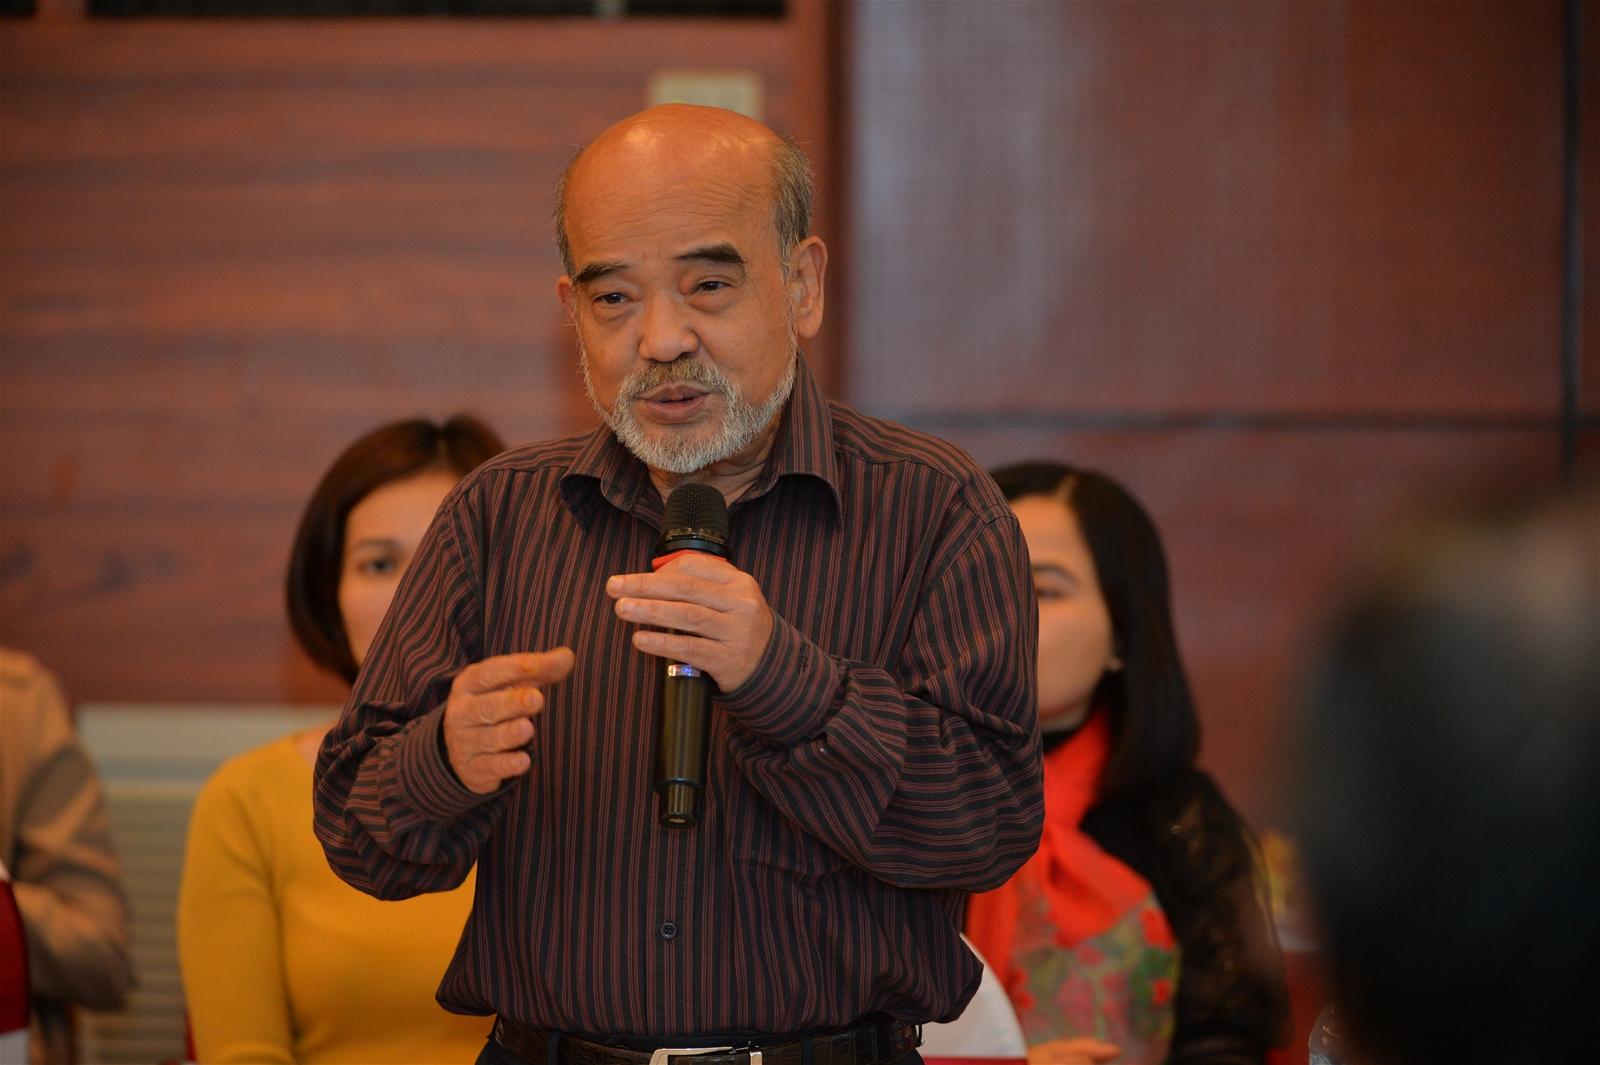 Giáo sư Đặng Hùng Võ phát biểu tại buổi Tọa đàm.